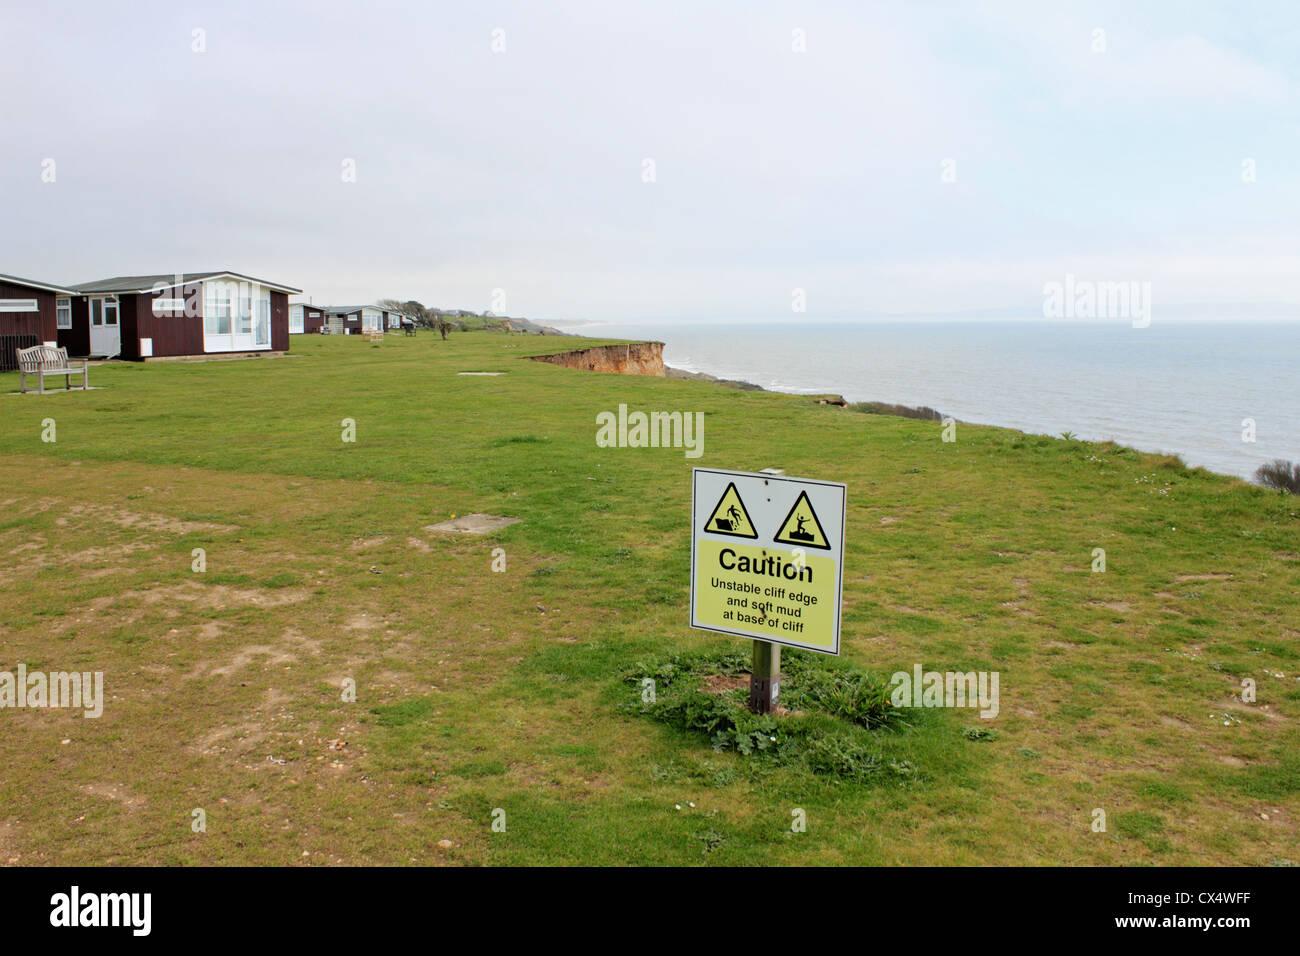 Cliff erosione tra Barton sul mare e Highcliffe, Dorset, England Regno Unito Foto Stock